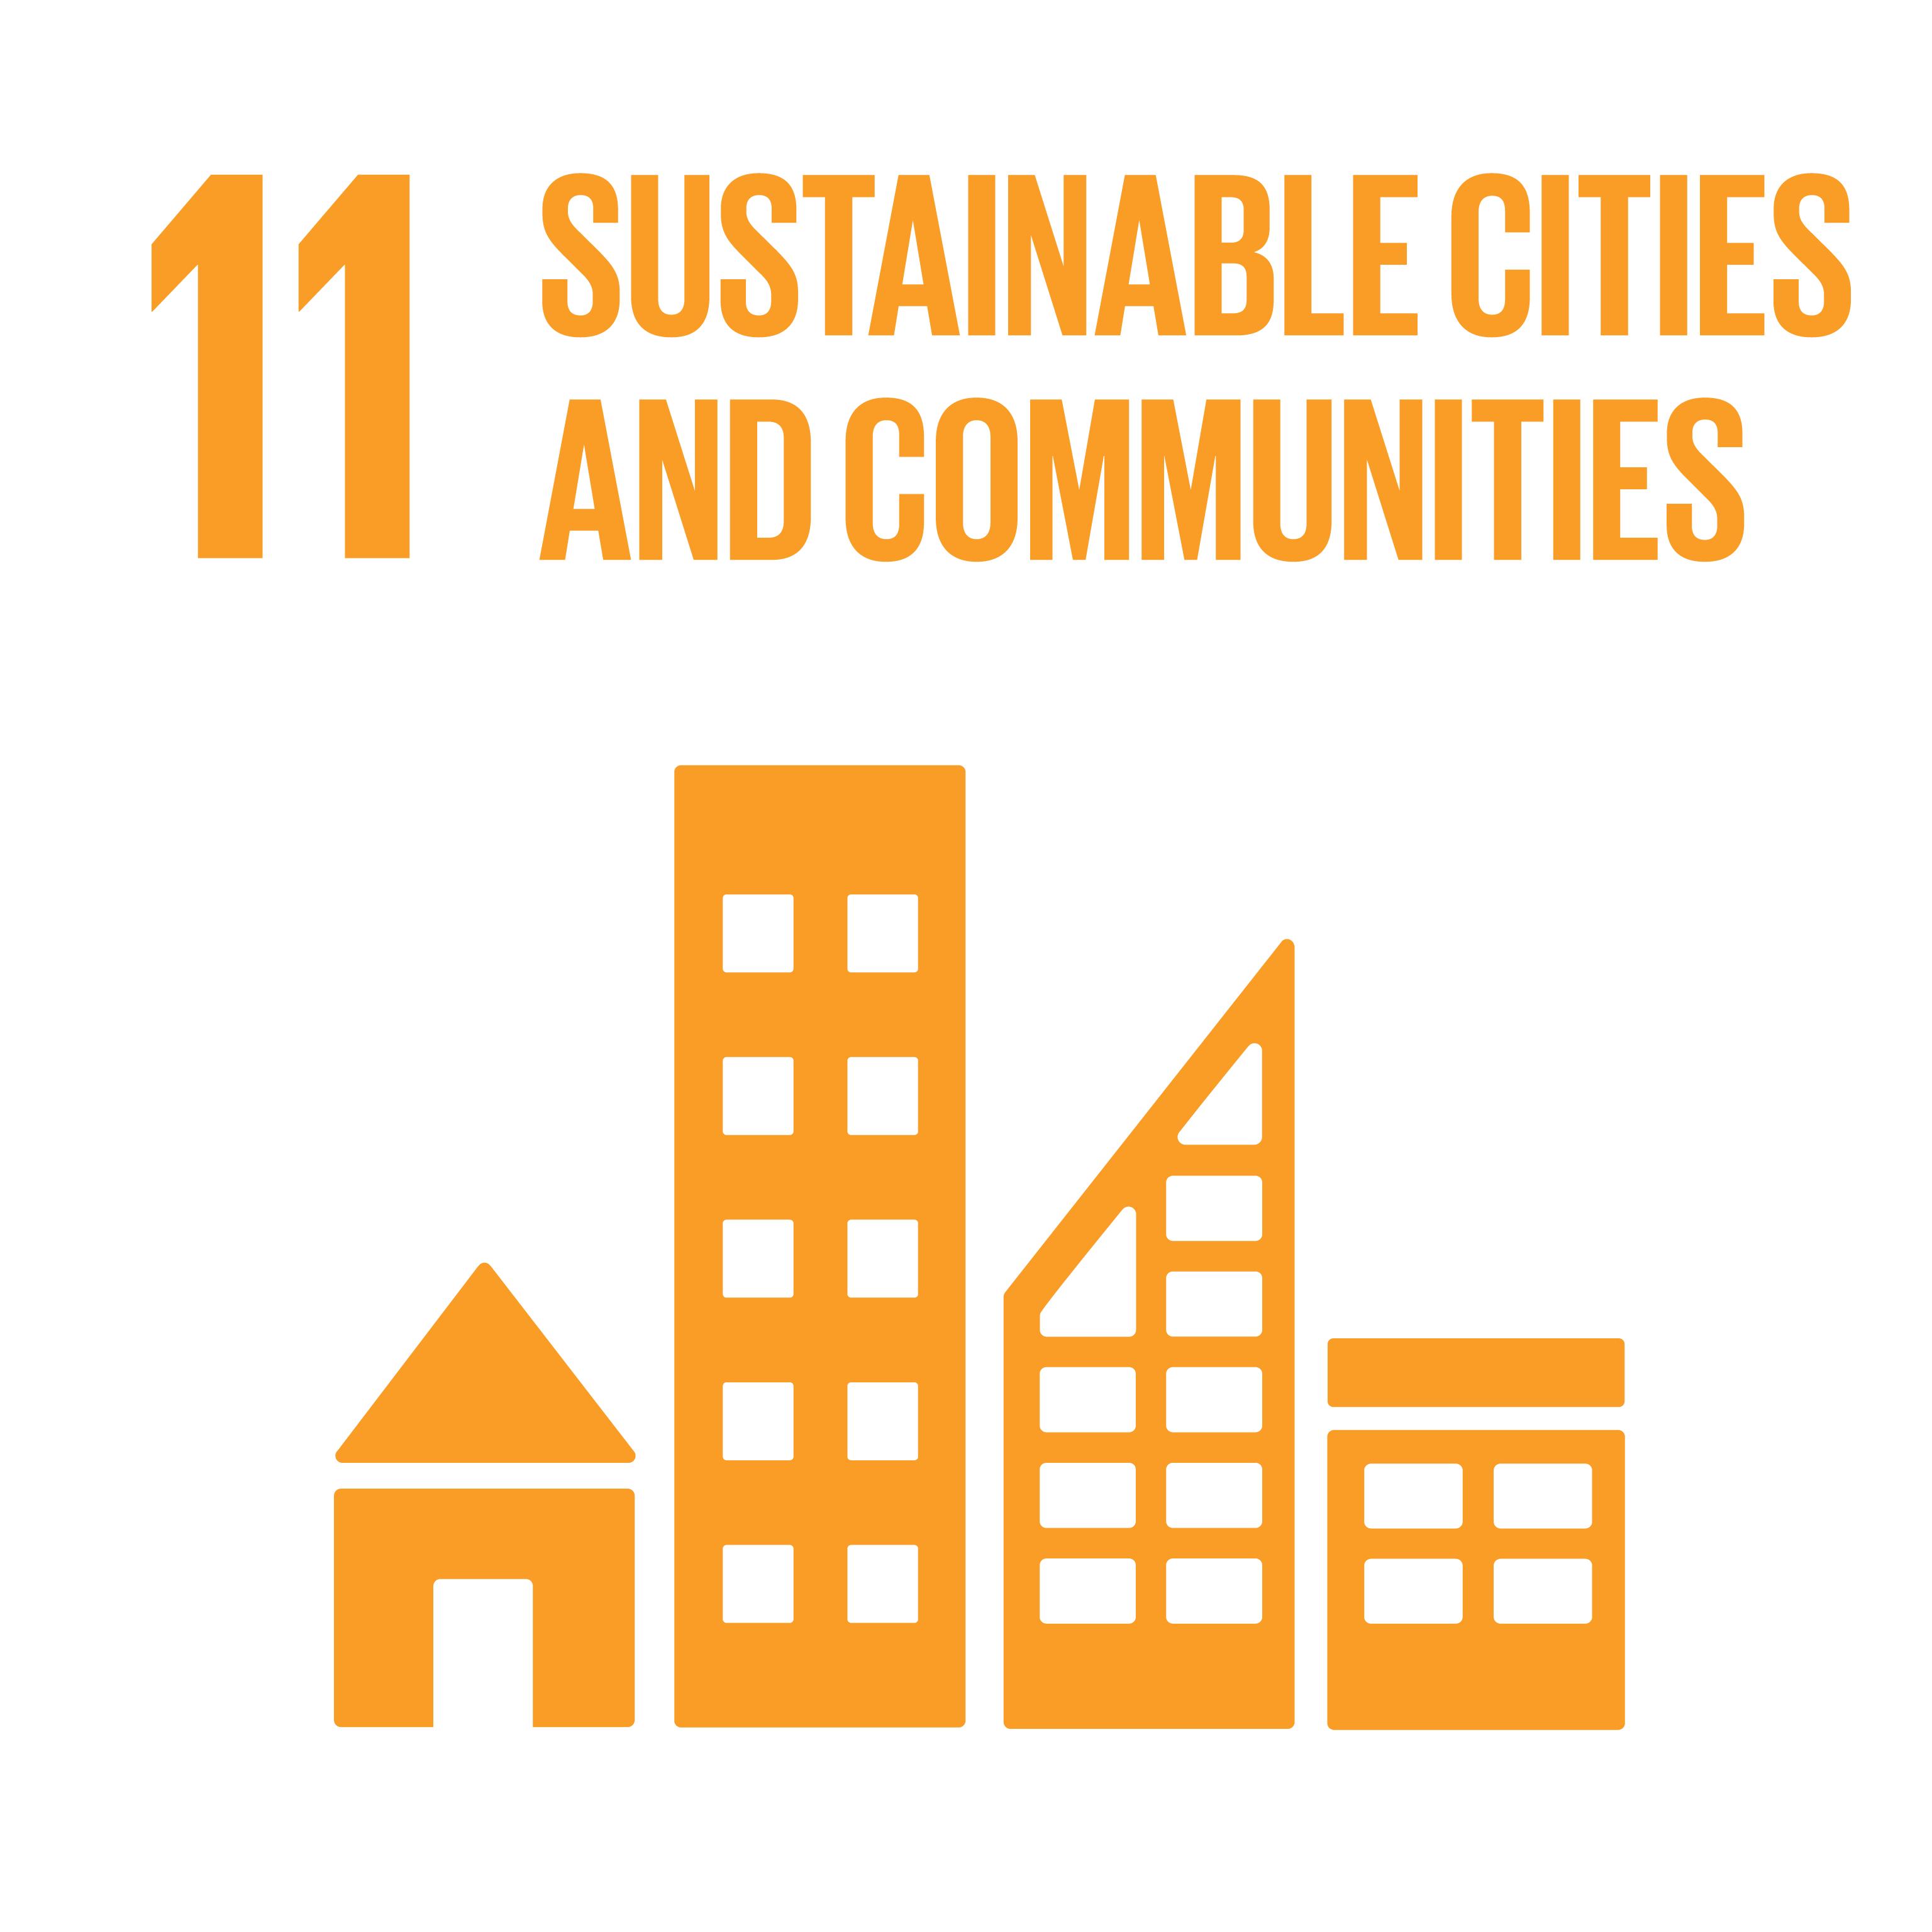 Image SDG 11; © UN